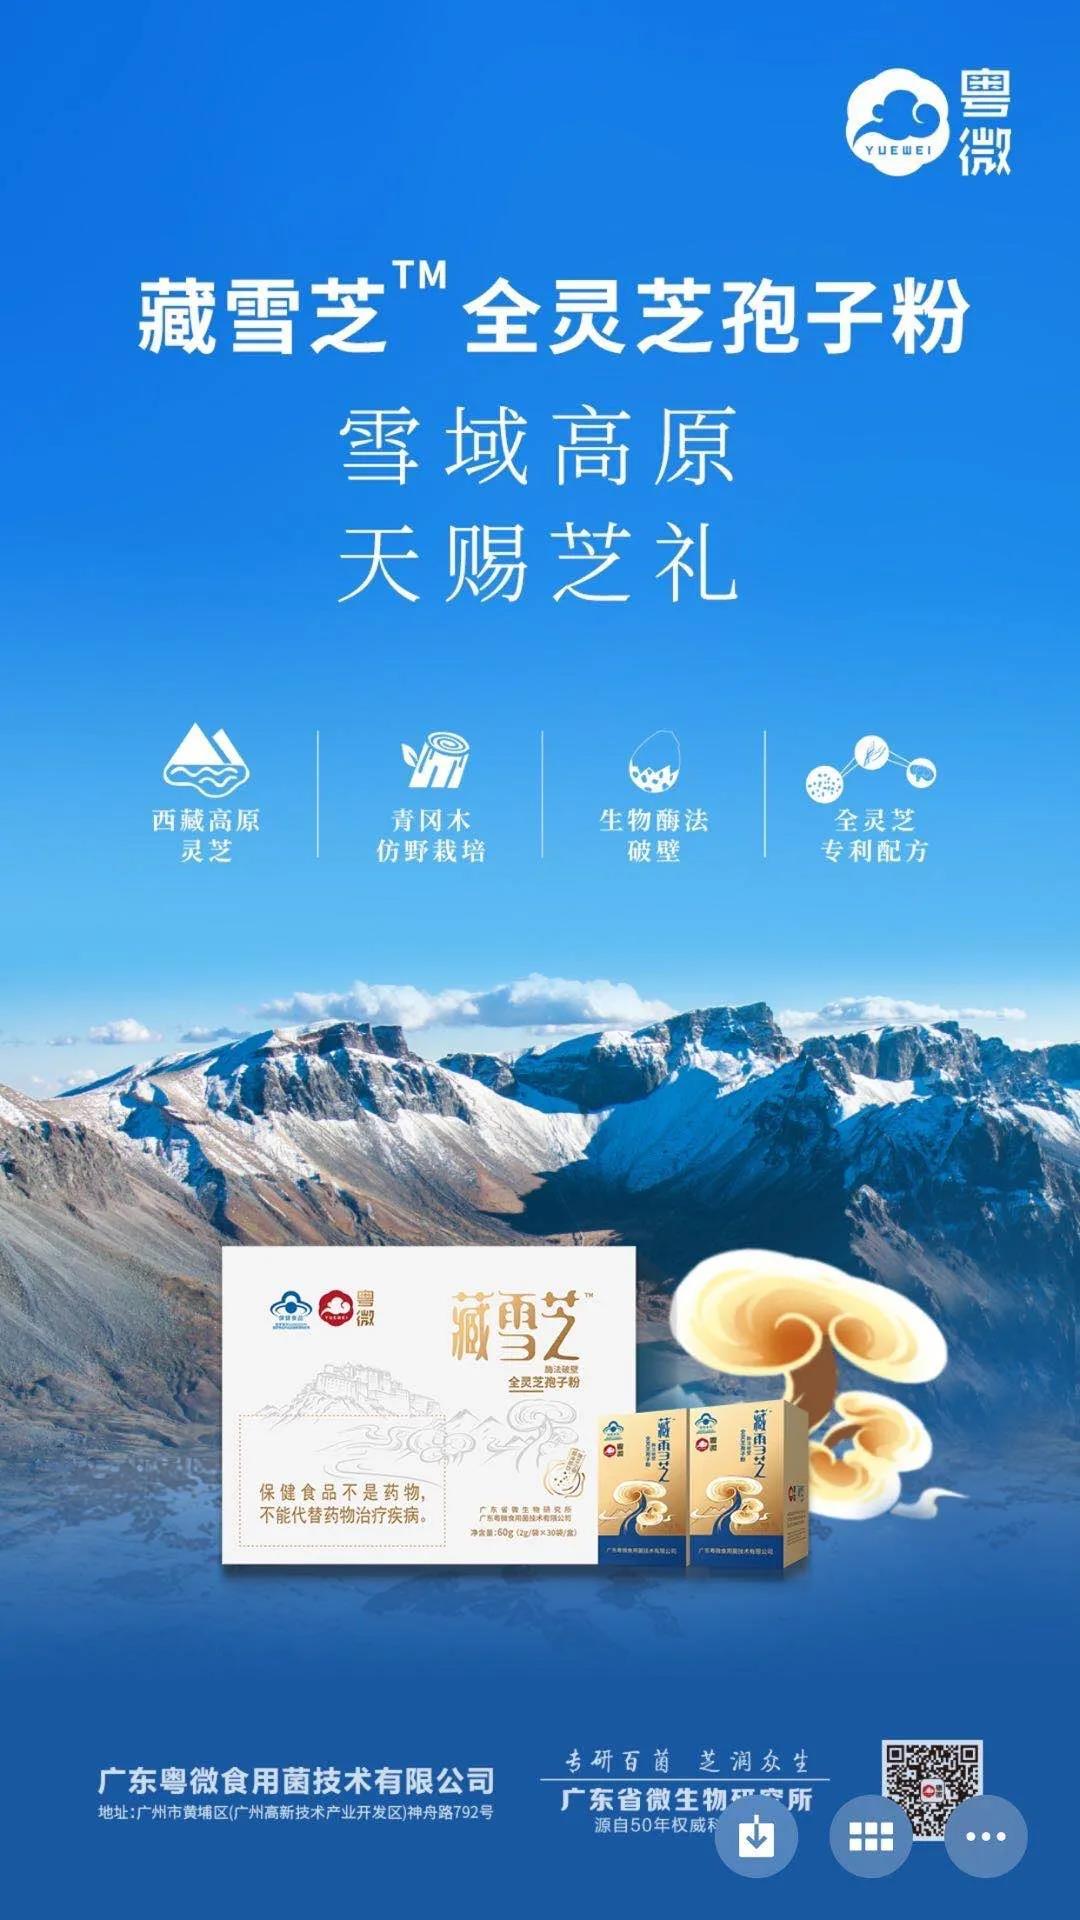 10月21日丨粤微与您相约天然健康产品行业大会2020